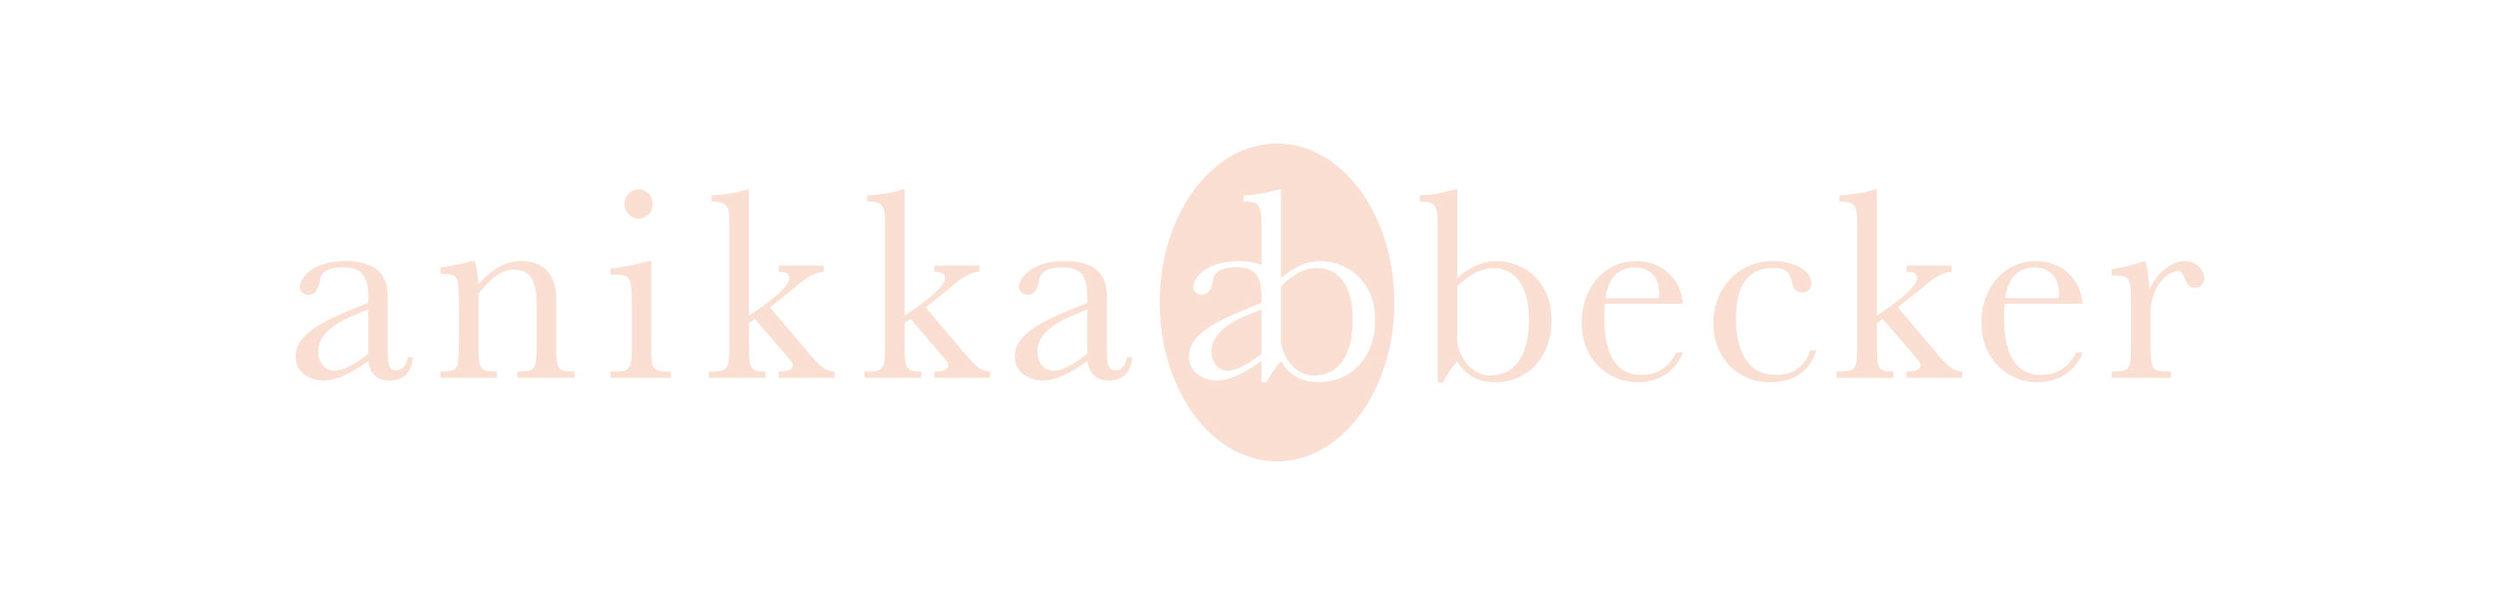 Studio-Eighty-Seven-Logo-Design-Anikka-Becker_Secondary-Image.jpg